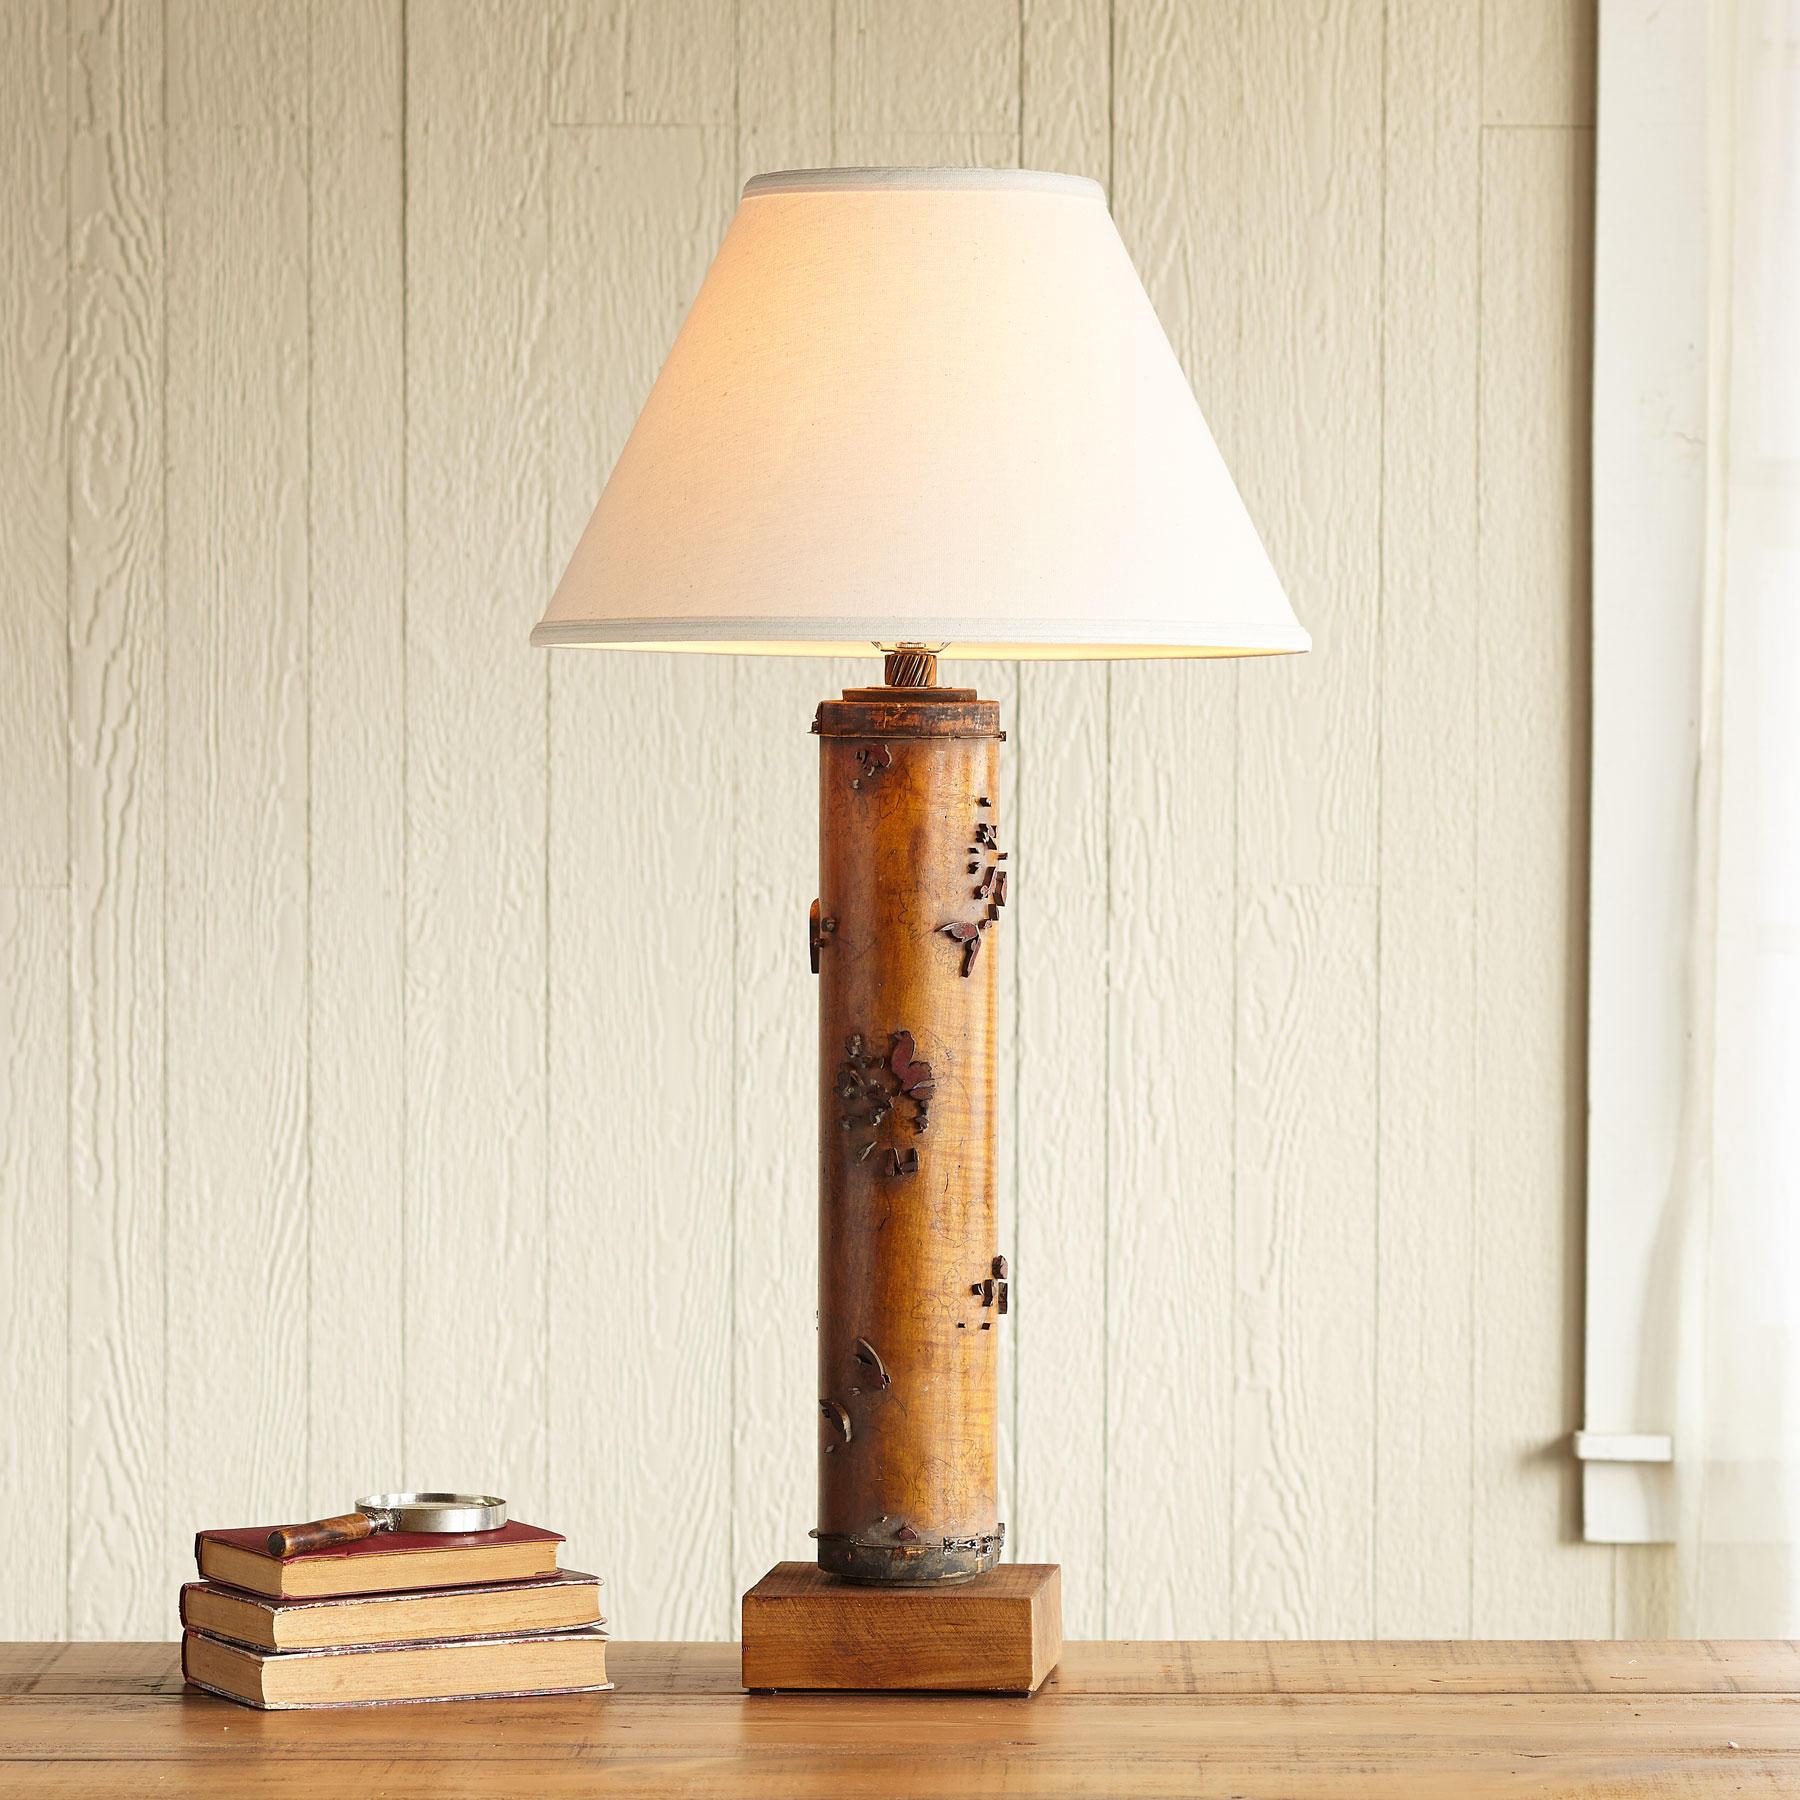 One-of-a-kind Hardwick Vintage Roller Lamp